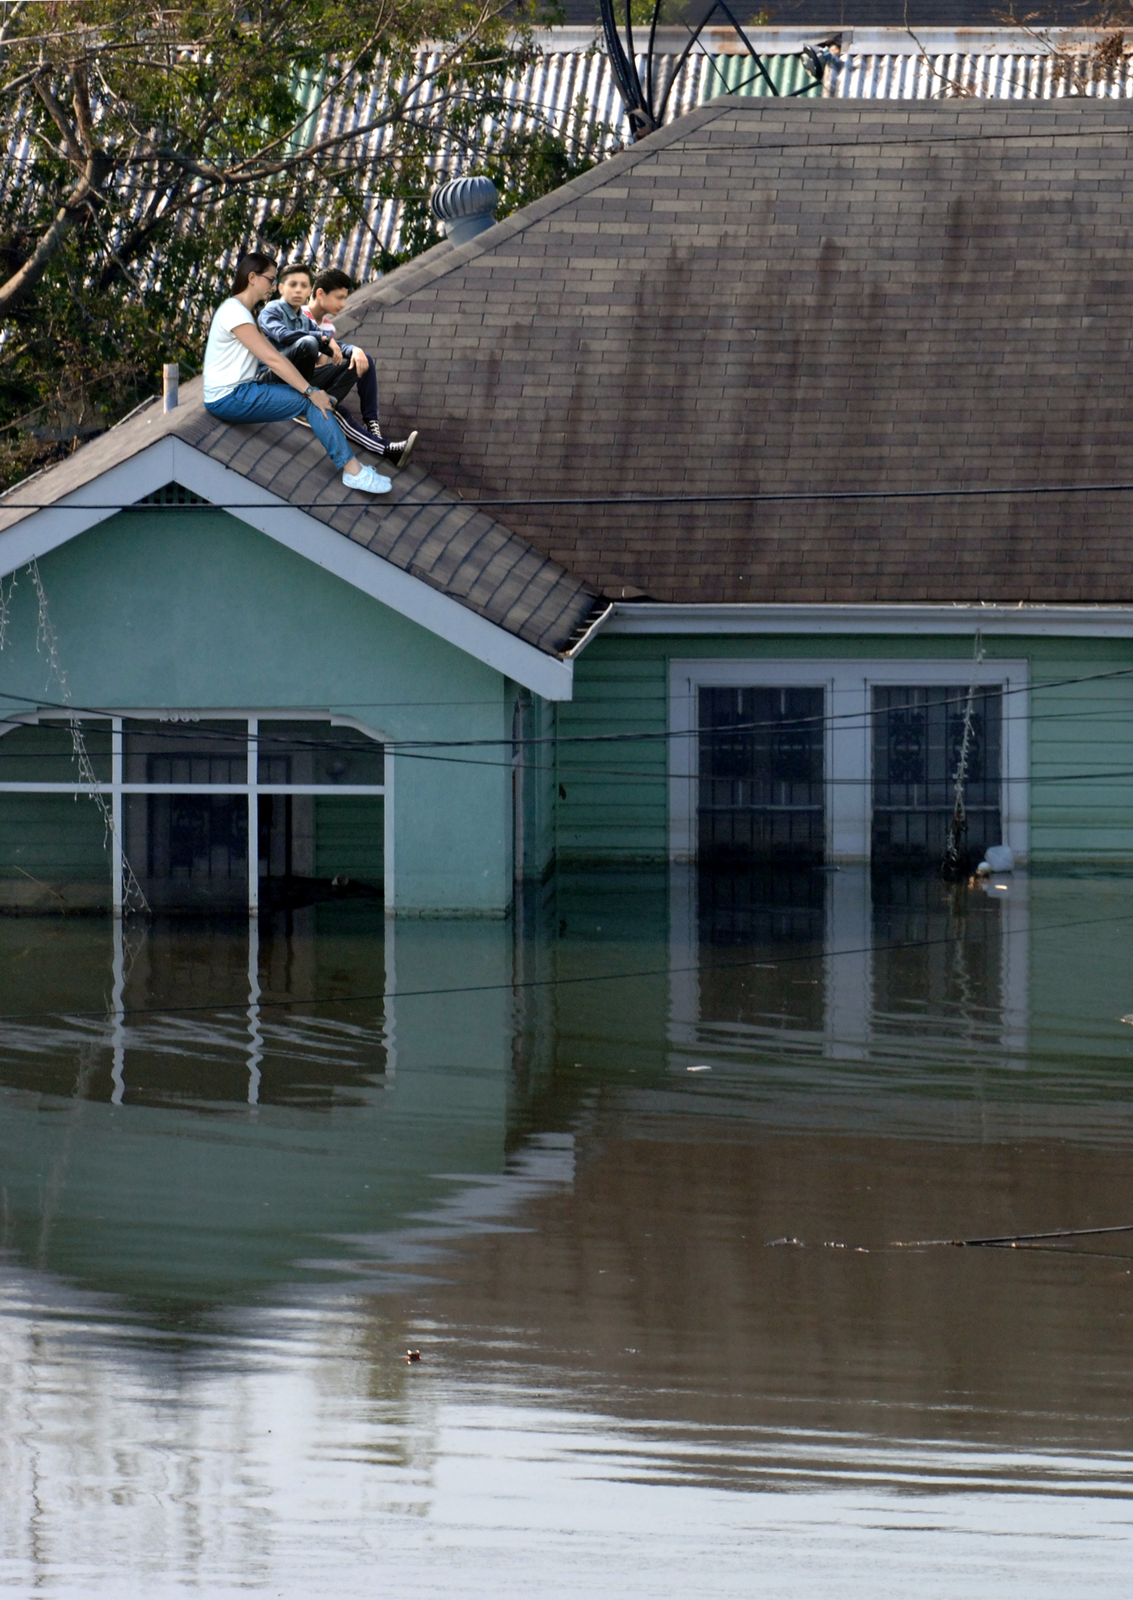 Kolorowe zdjęcie przedstawia powodzian ratujących się na dachu zalanego domu. Dzień. Zdjęcie przedstawia zalany dom. Woda sięga do poddasza. Mieszkańcy domu, 3 osoby, siedzą na spadzistym dachu.